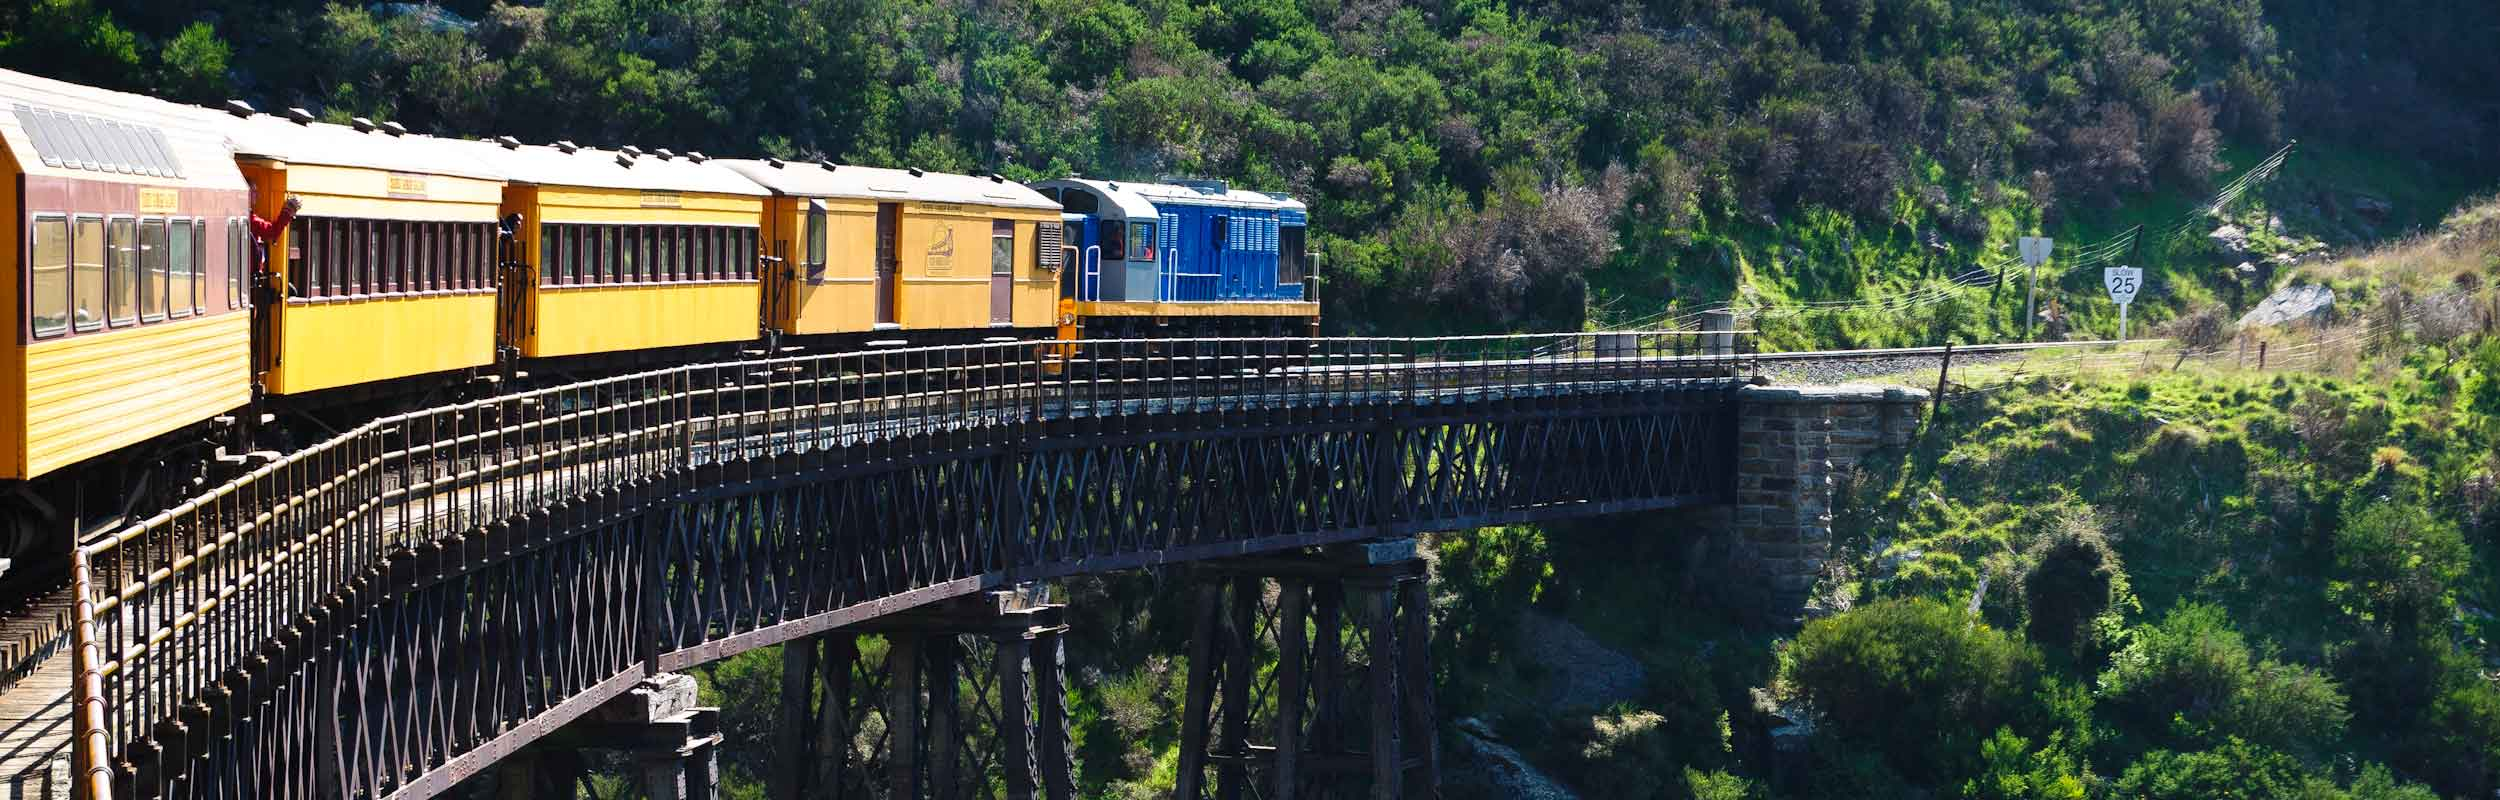 Taieri Gorge Railway - train on Wingatui Viaduct